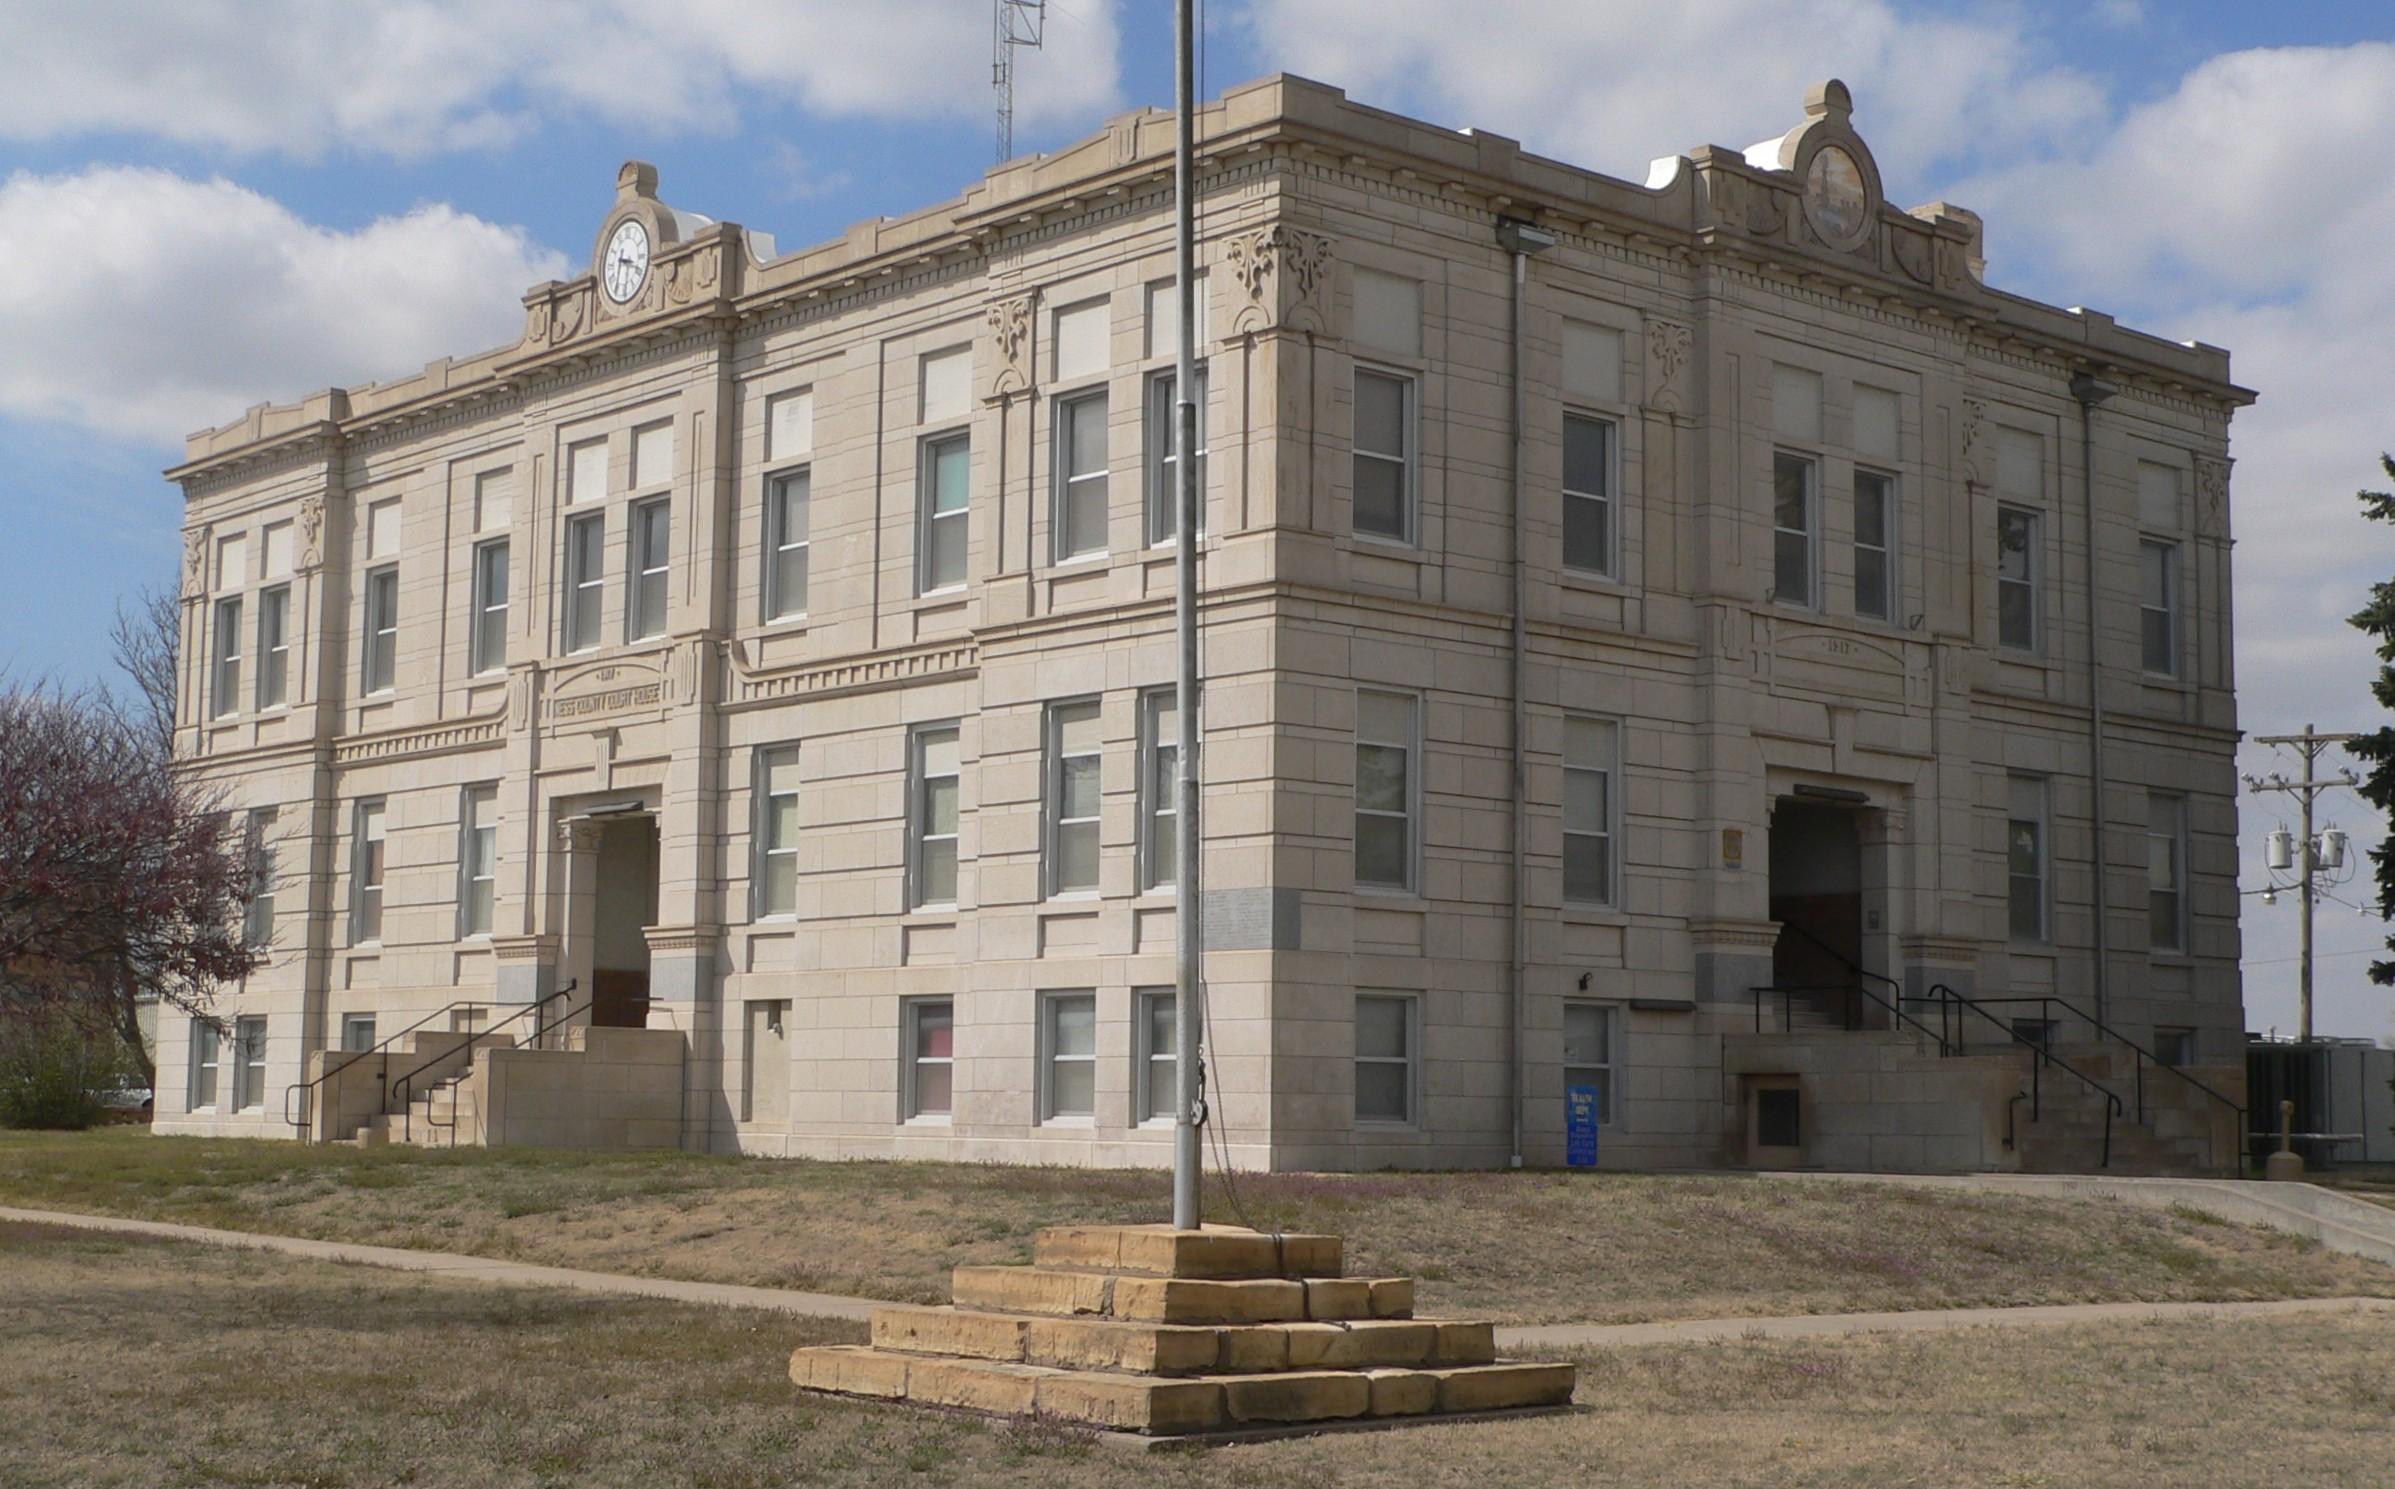 Ness County Kansas Property Taxes